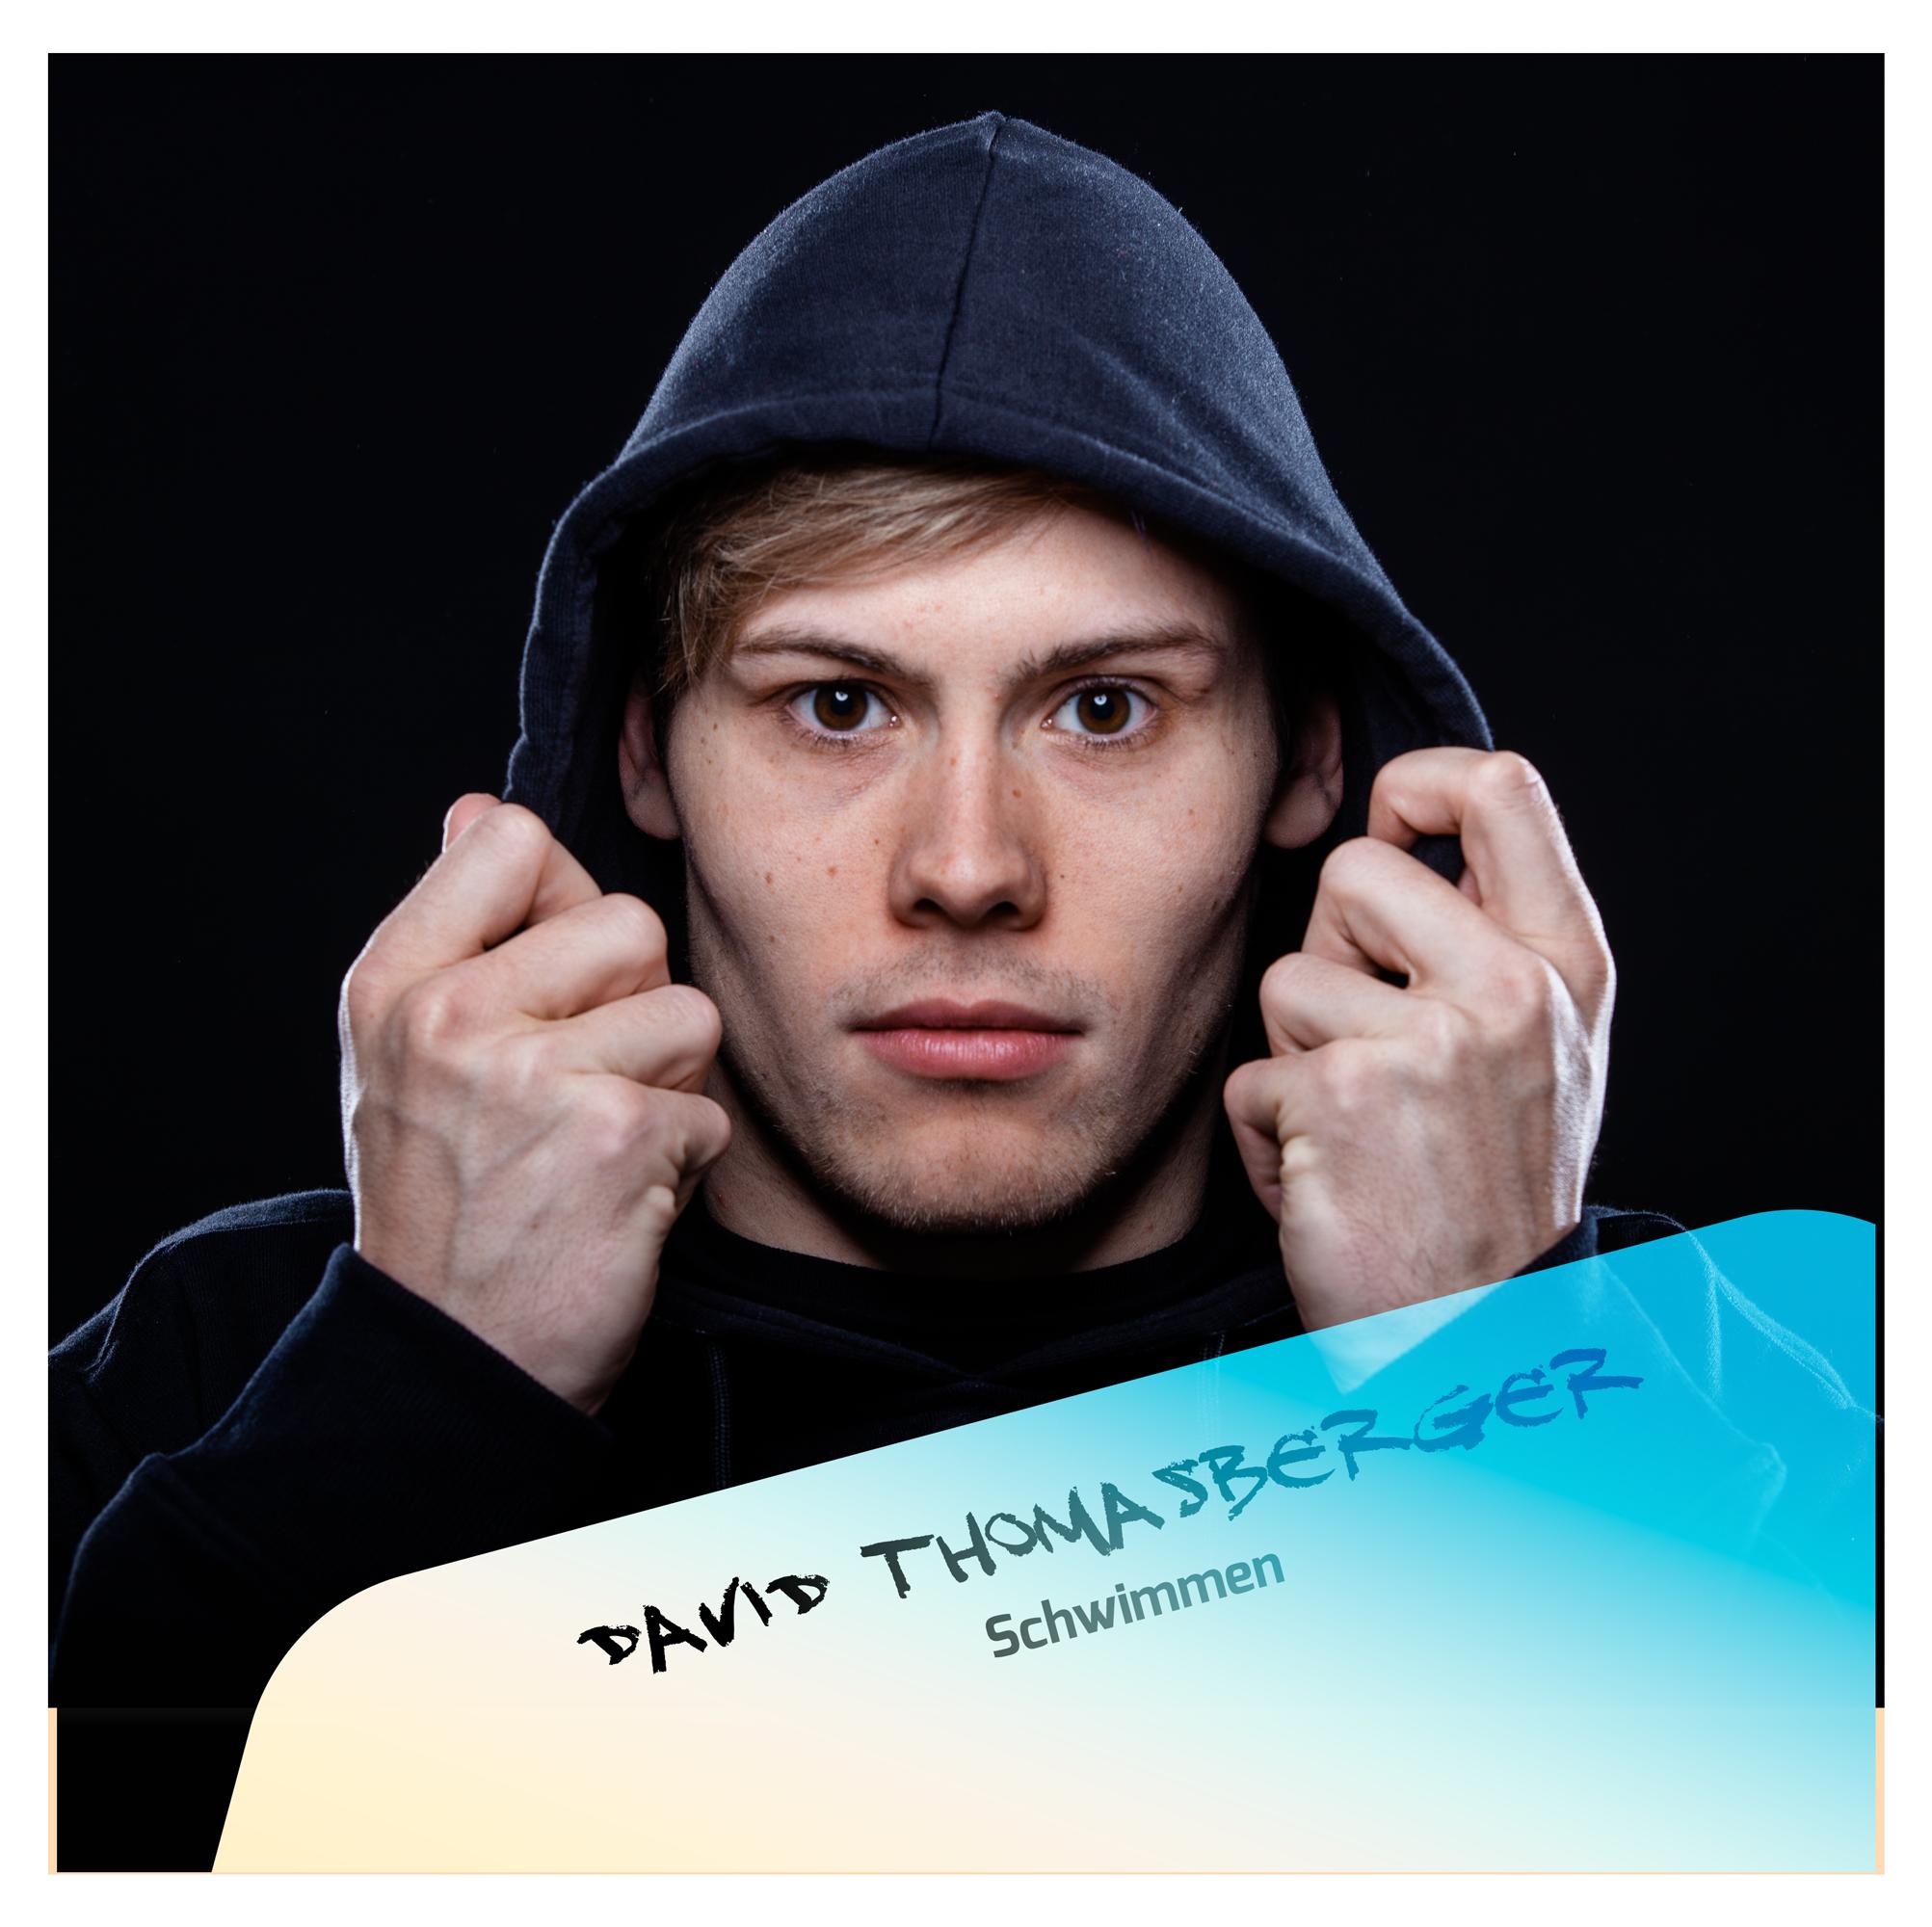 Profilbild: David Thomasberger - Schwimmen